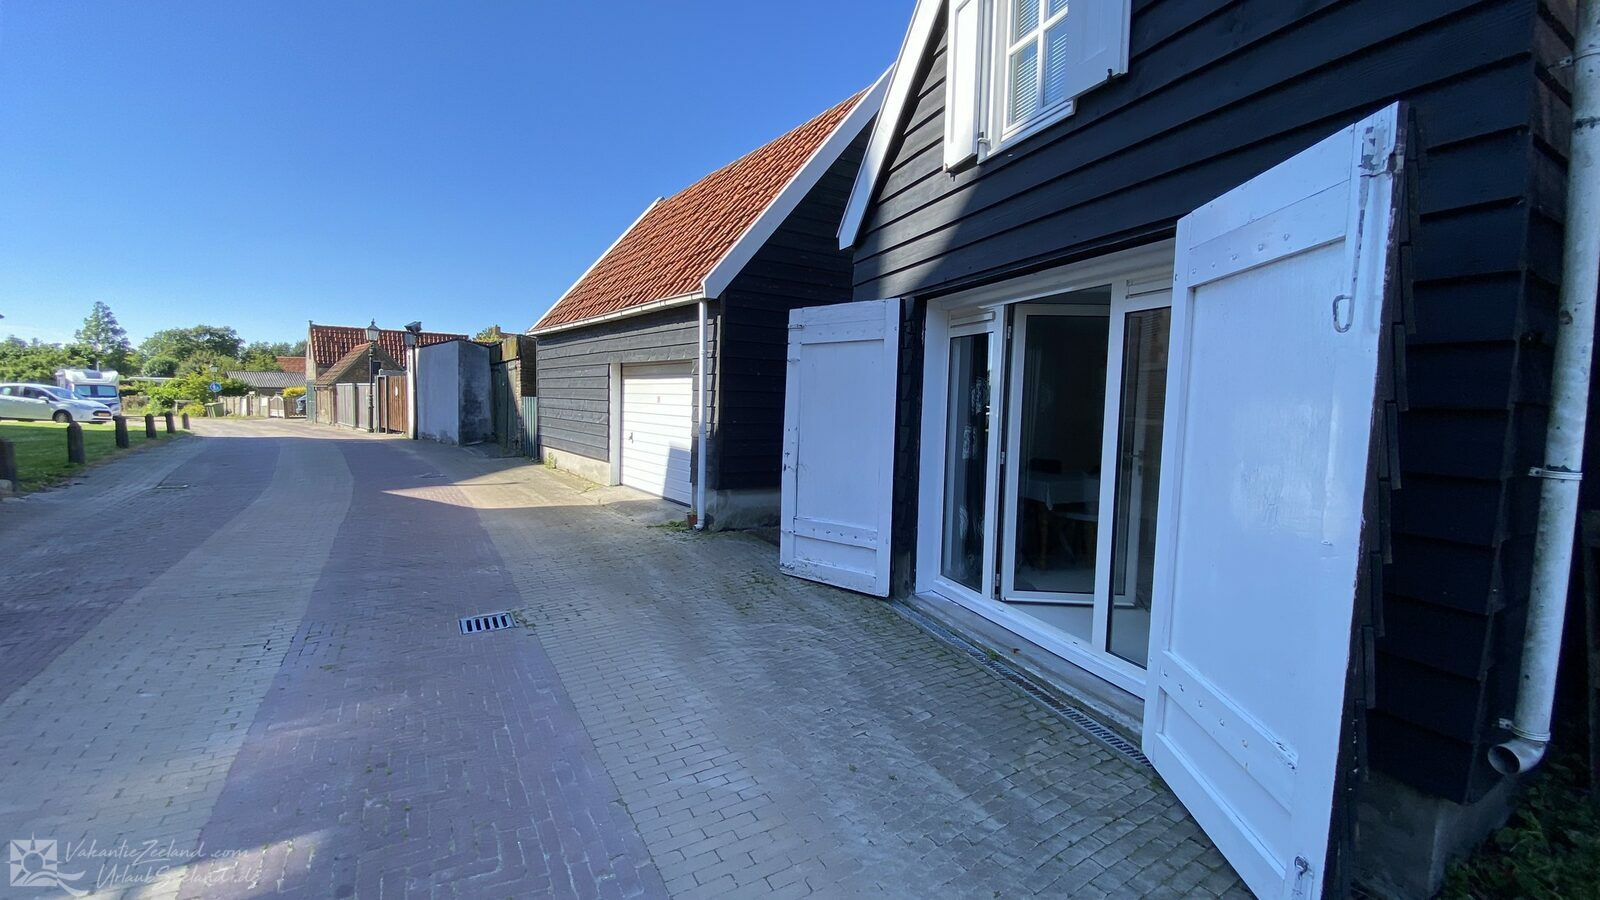 VZ1029 Ferienhaus in Brouwershaven